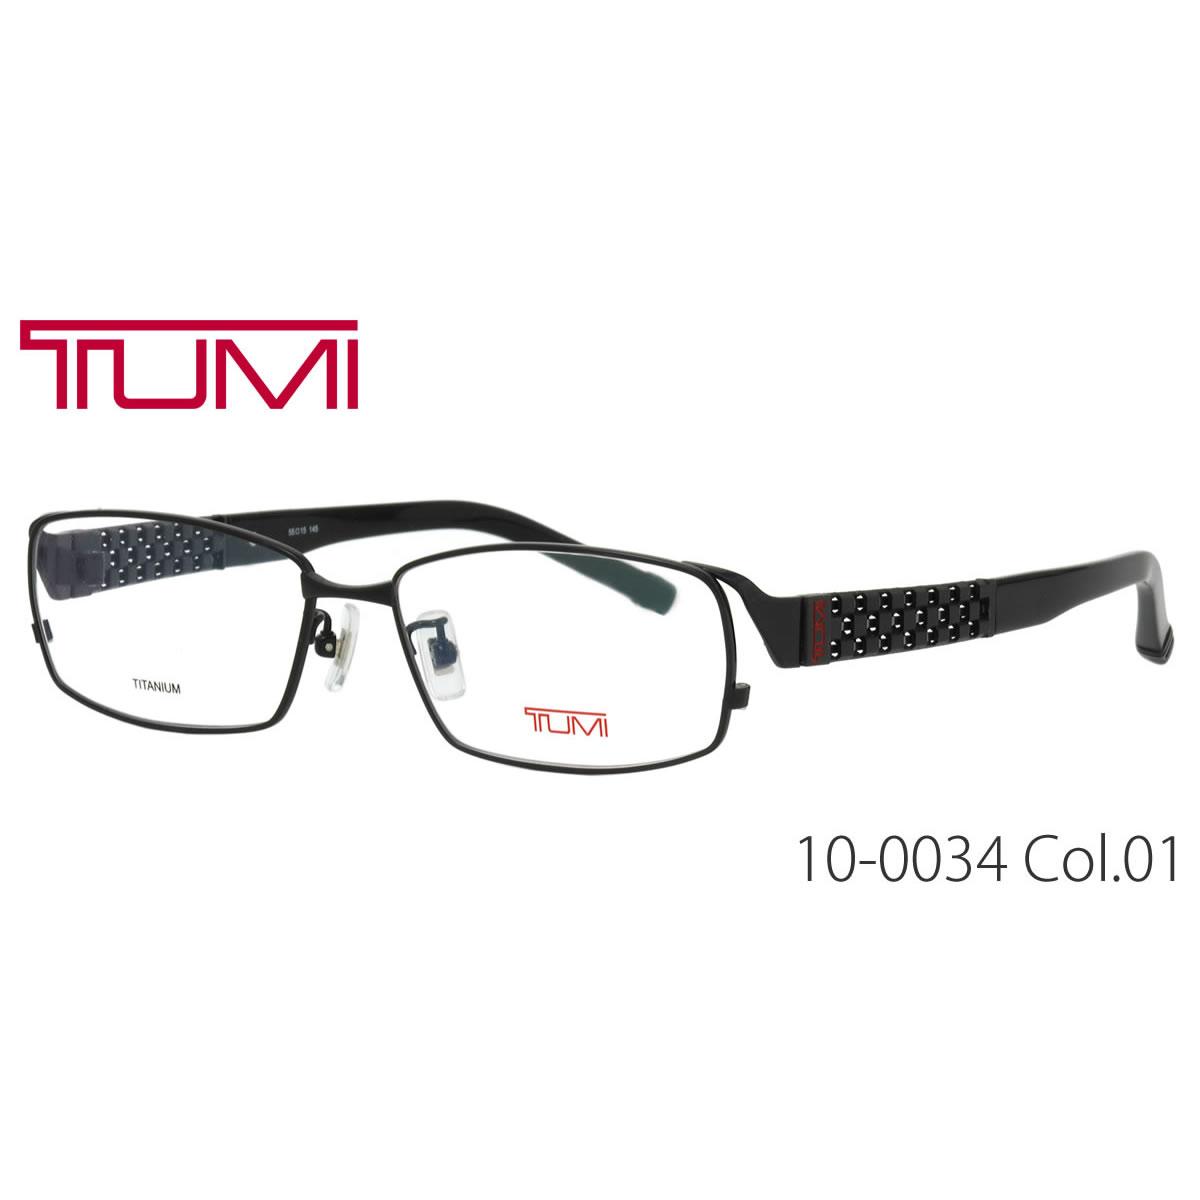 トゥミ メガネ 10-0034 01 55サイズ TUMI ビジネスバッグで人気のブランド メンズ